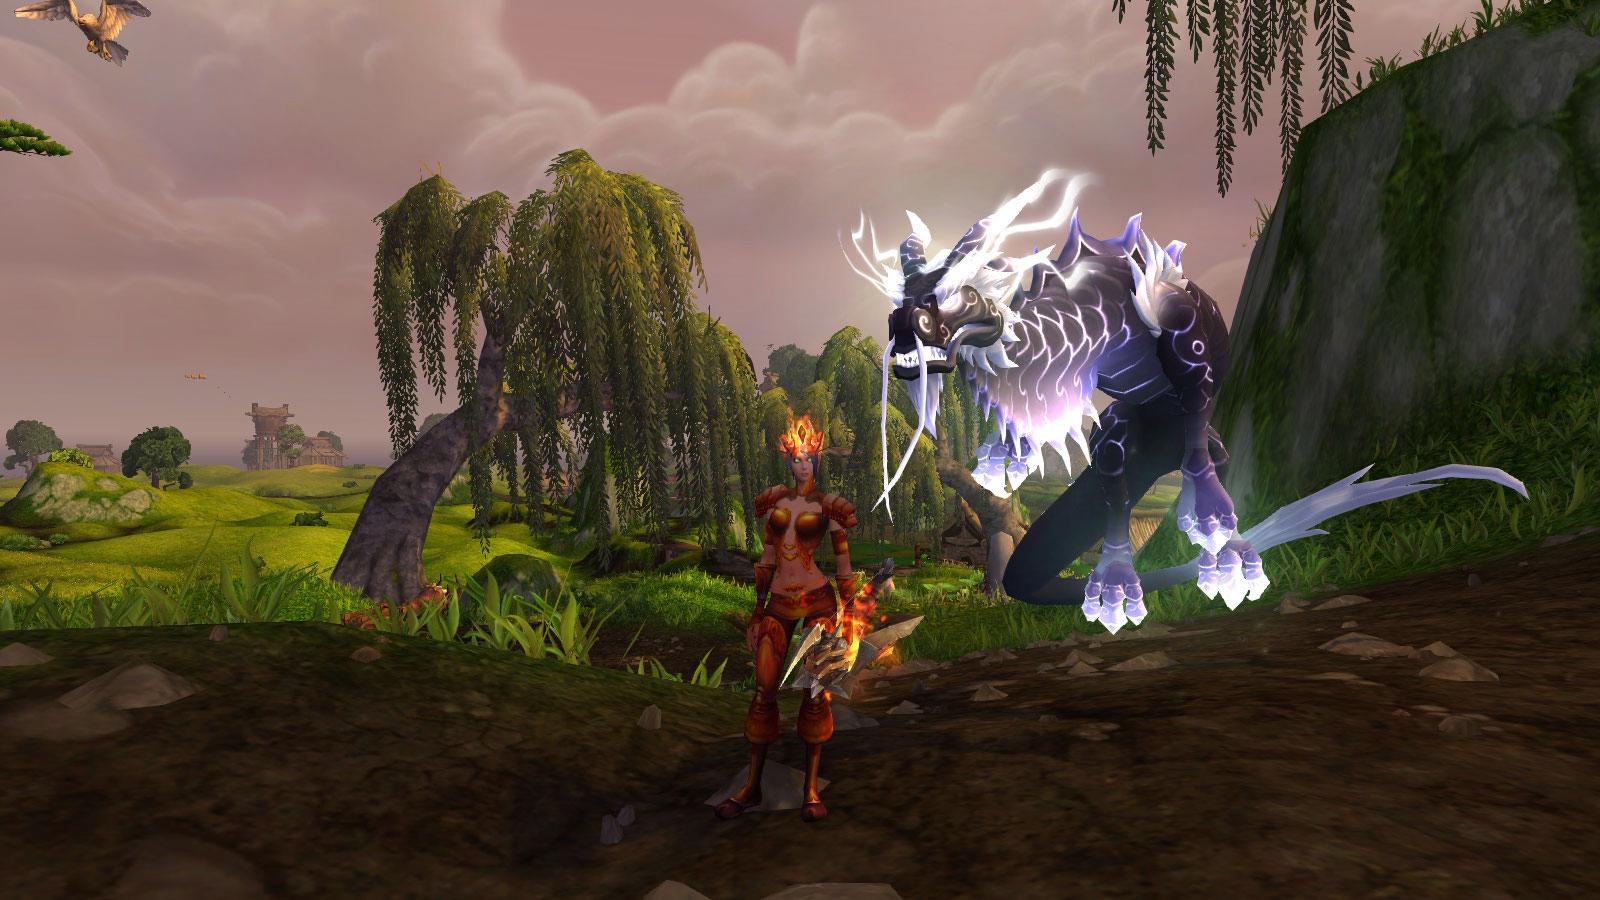 Le serpent-nuage peut-être dompté dans World of Warcraft